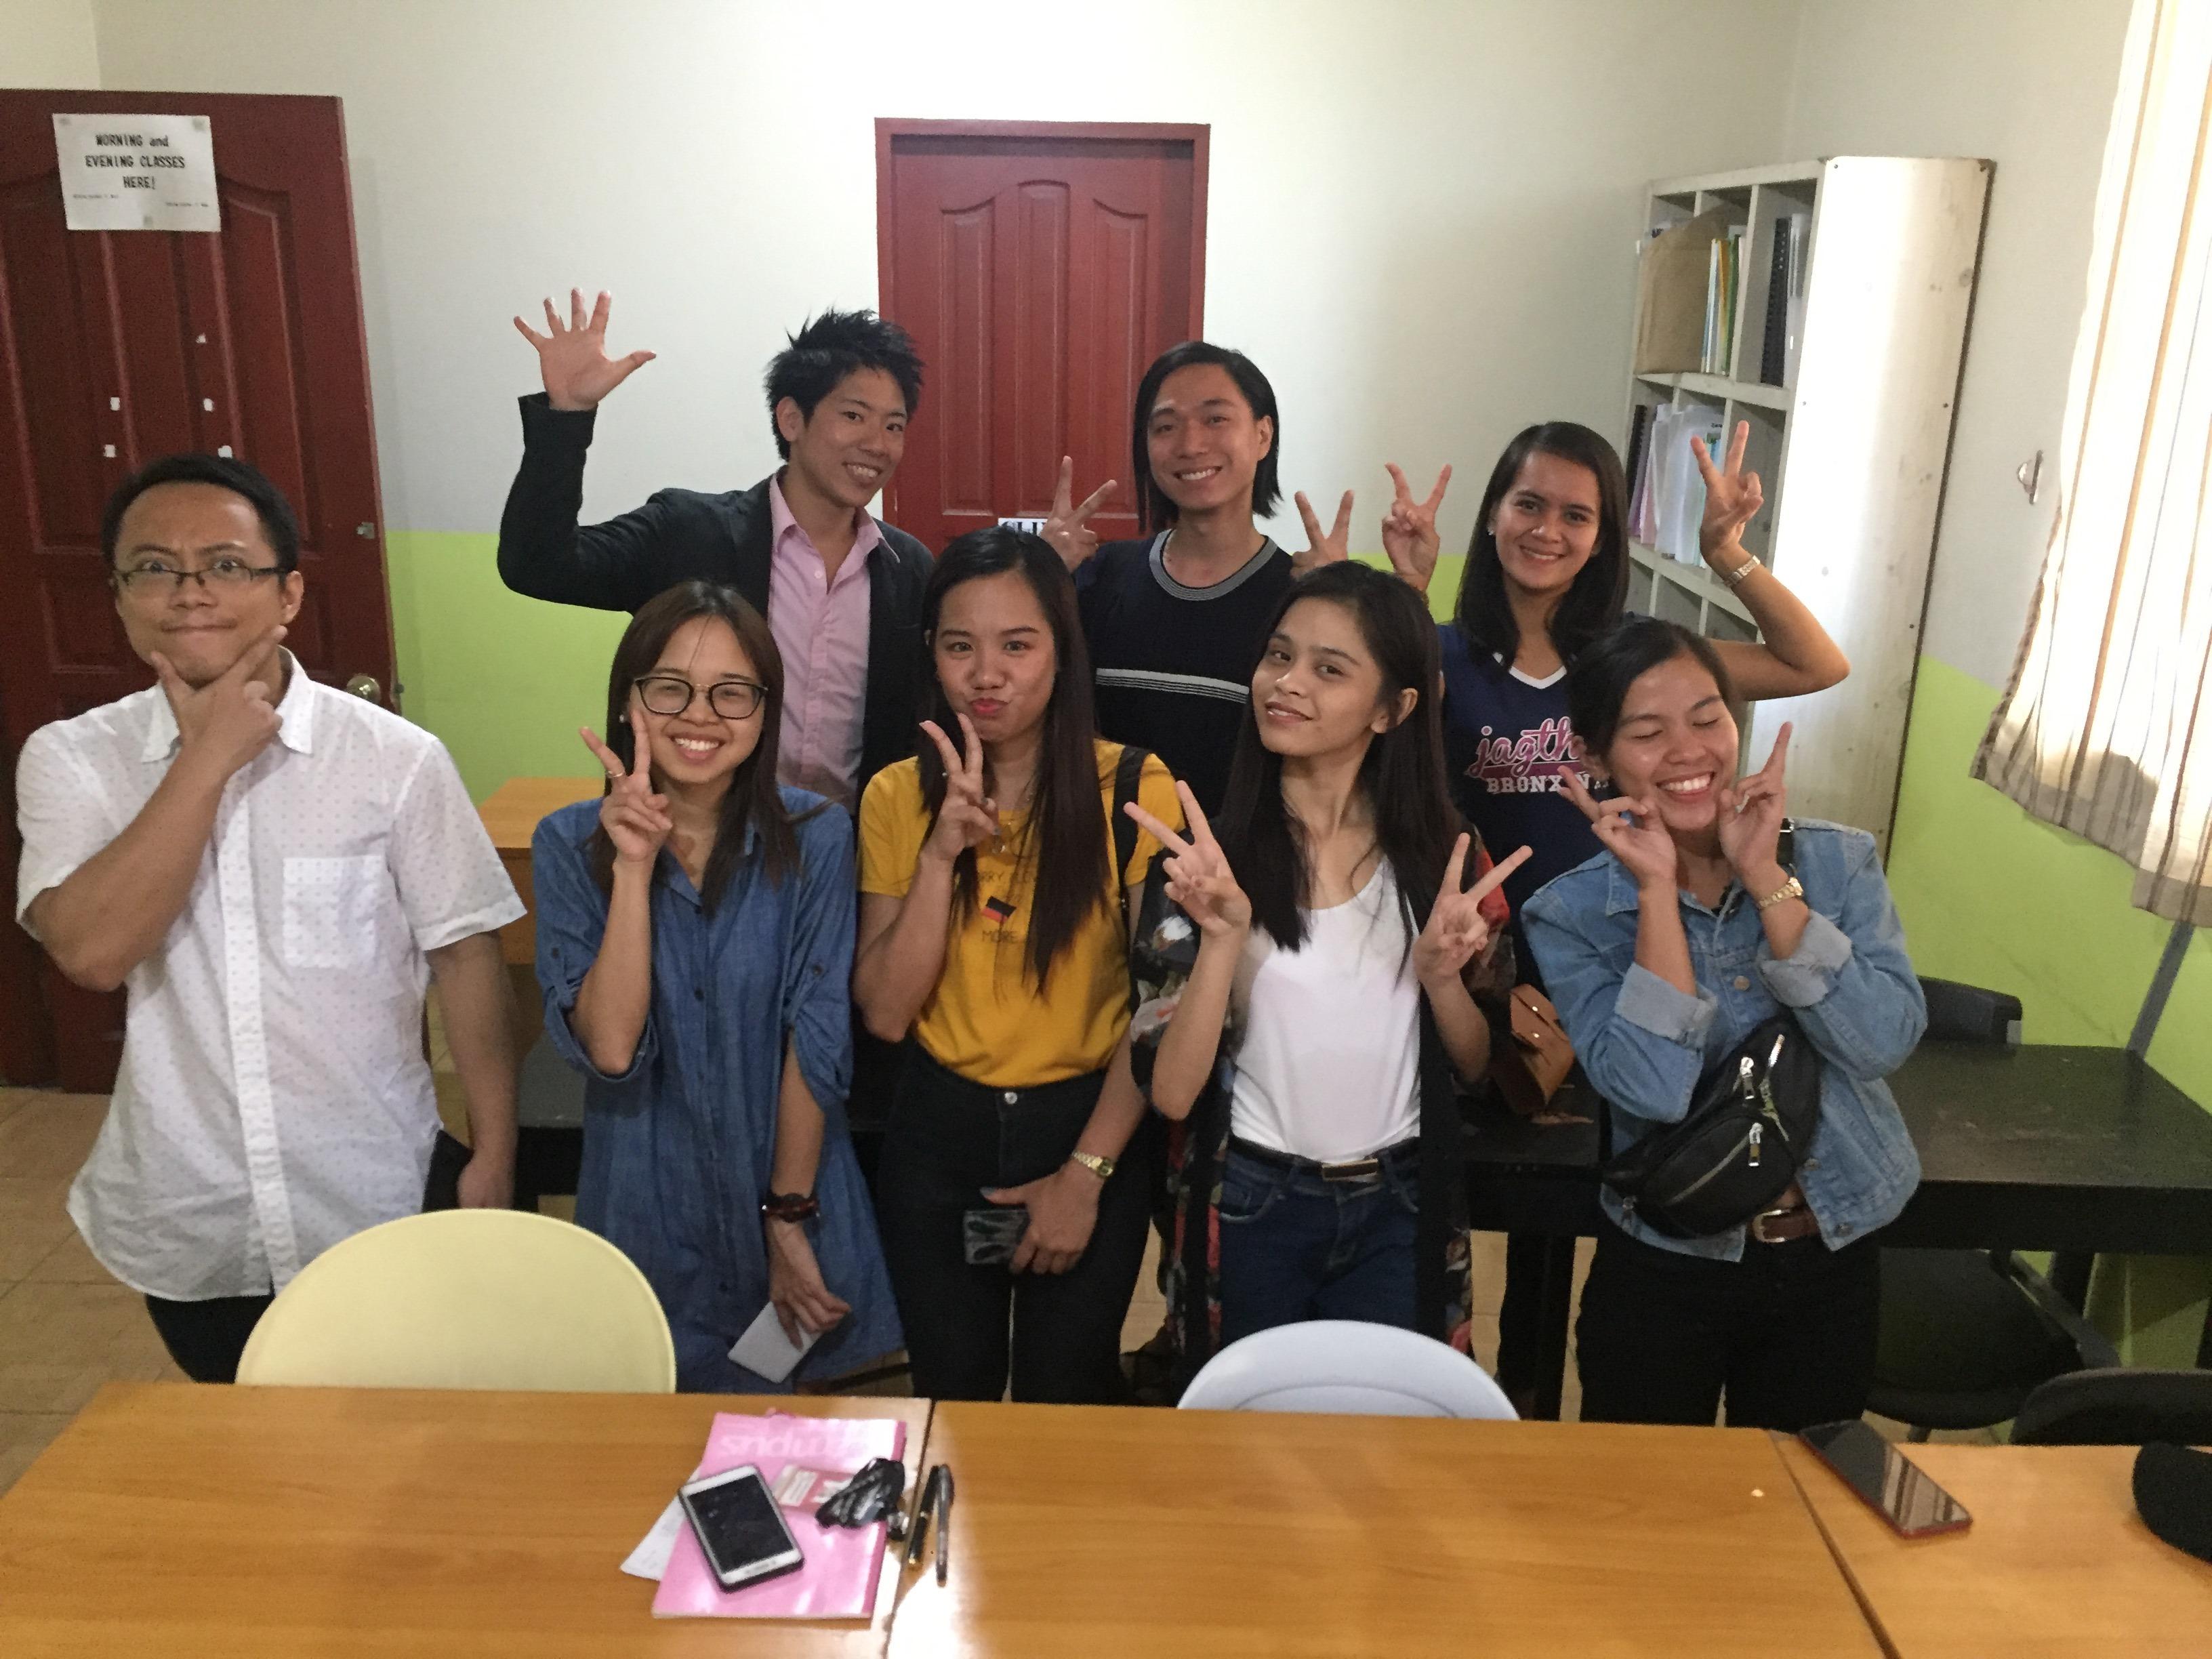 セブ島で展開する日本語学校の事業 講師の先生や生徒さん